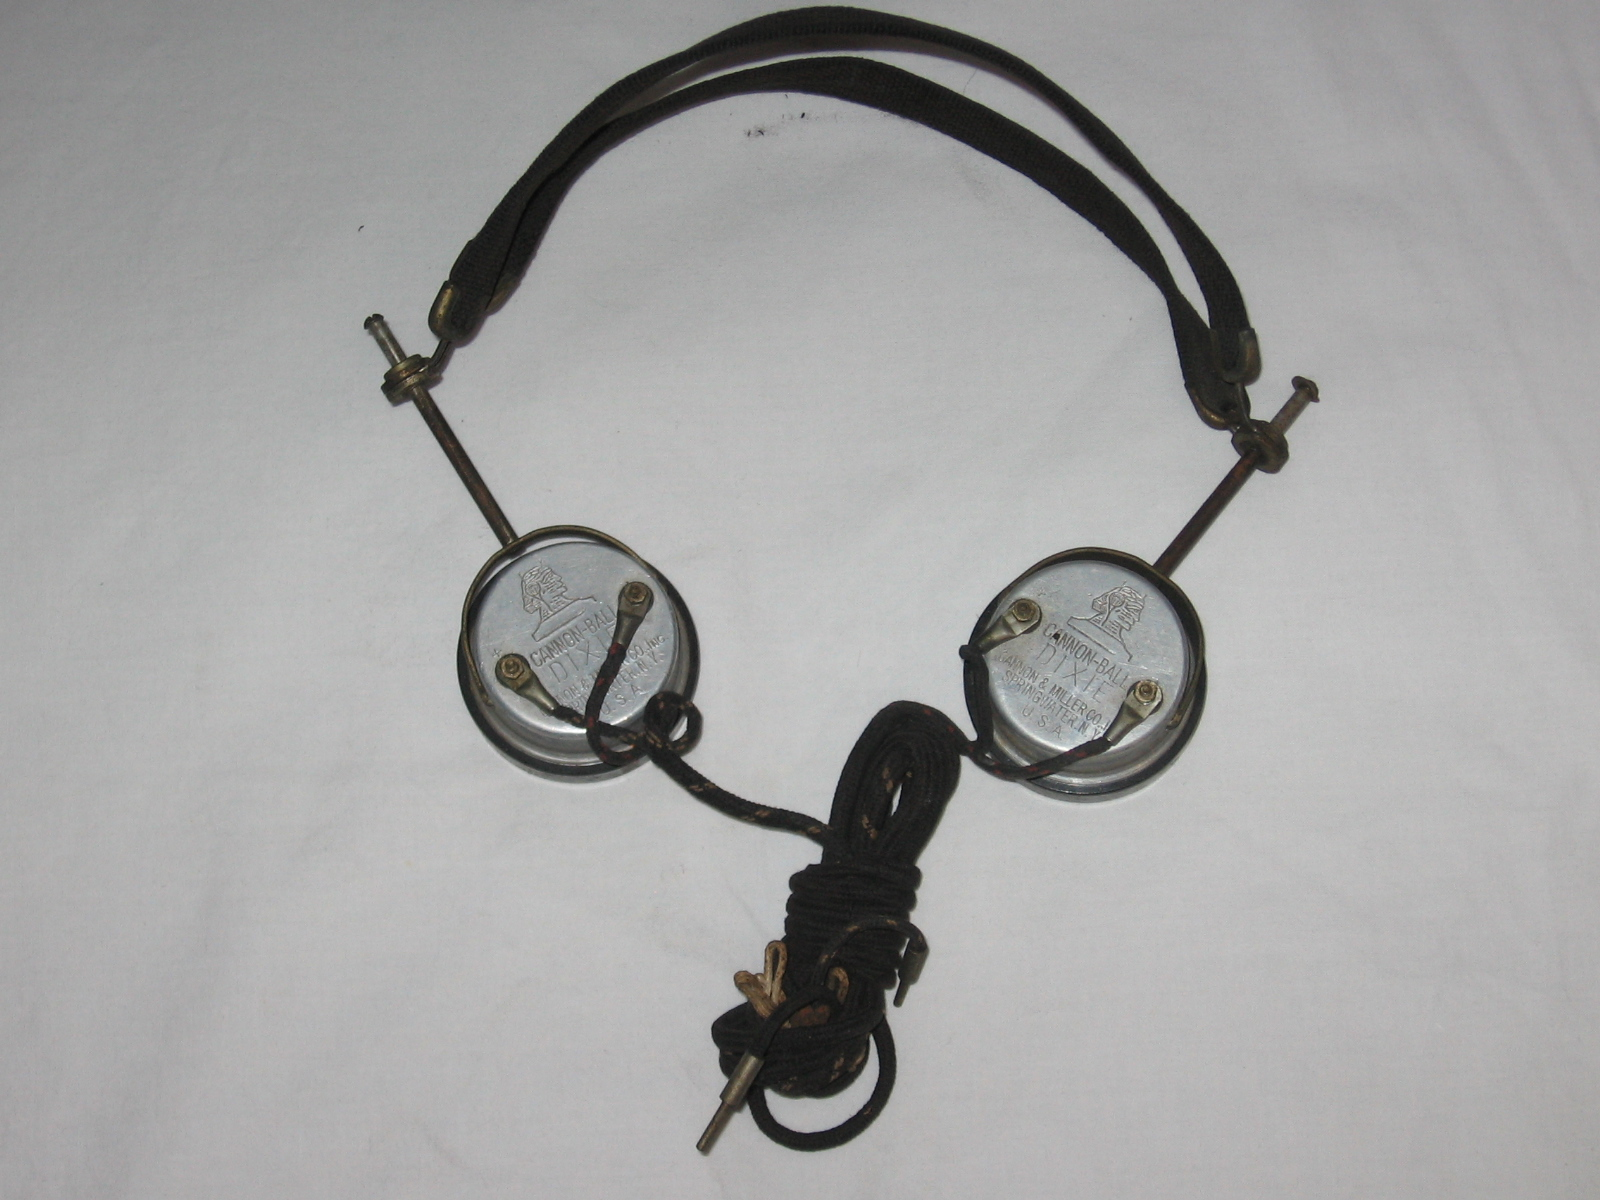 PARS Abtique Headphones